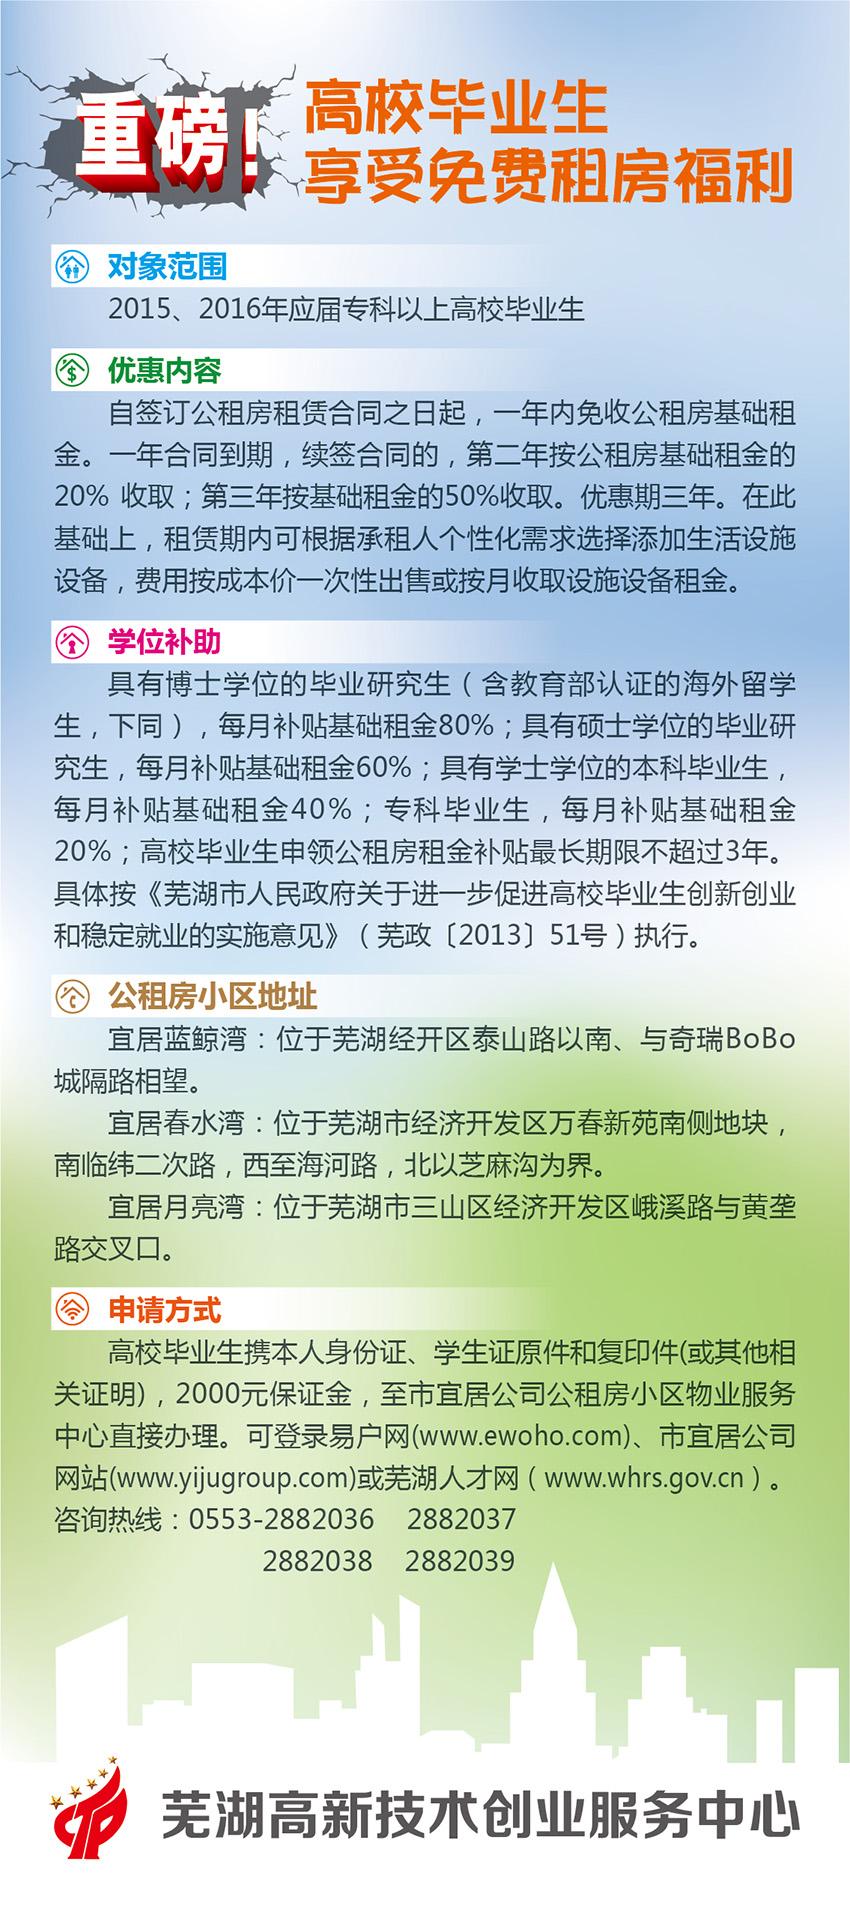 20150924-租房福利